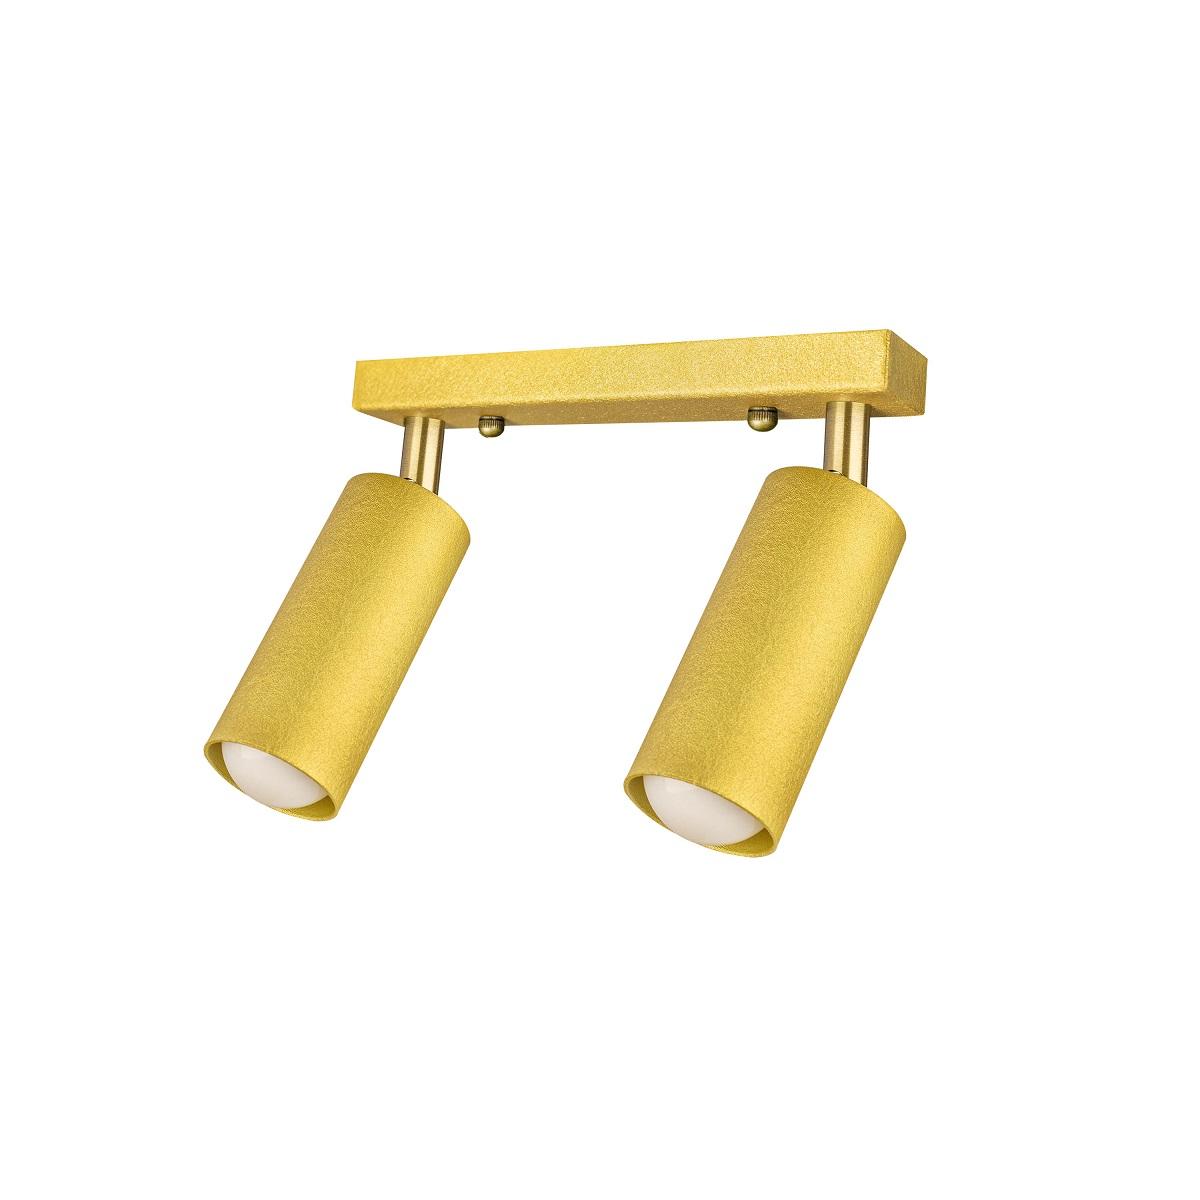 Світильники ЛОФТ - Люстра лофт потолочная с поворотным плафоном 000002754 - Фото 1